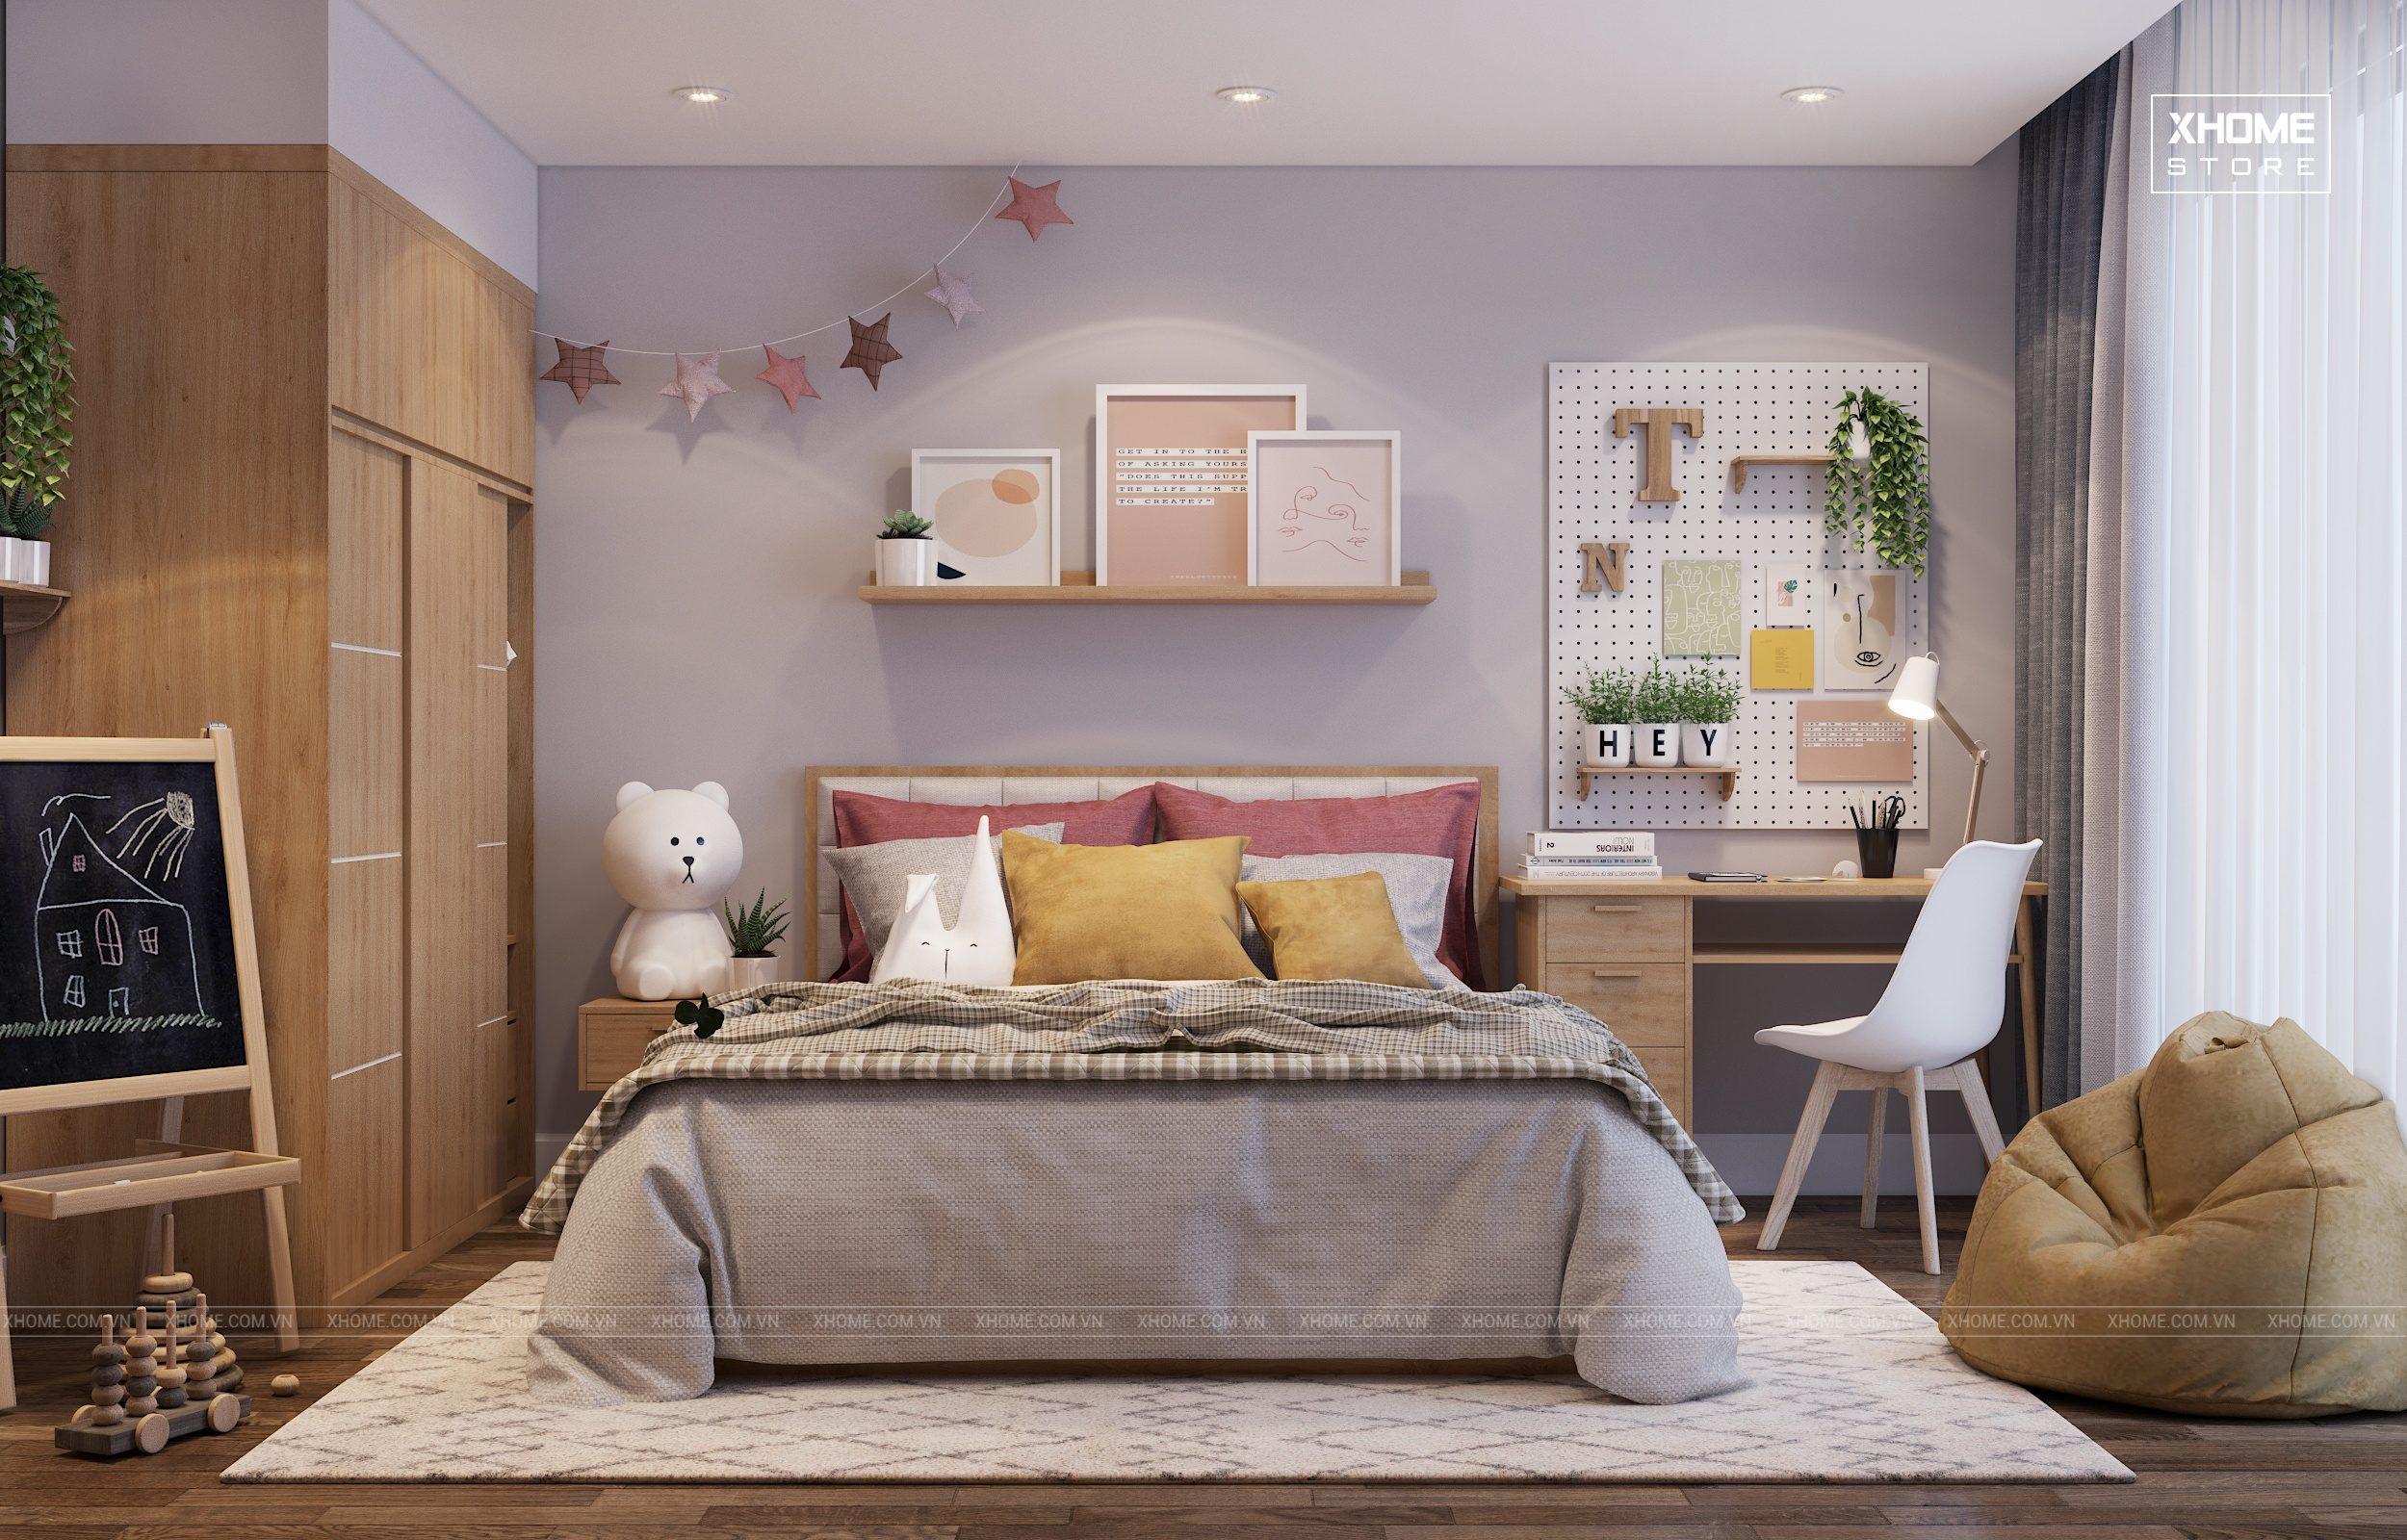 Thiết kế nội thất Xhome